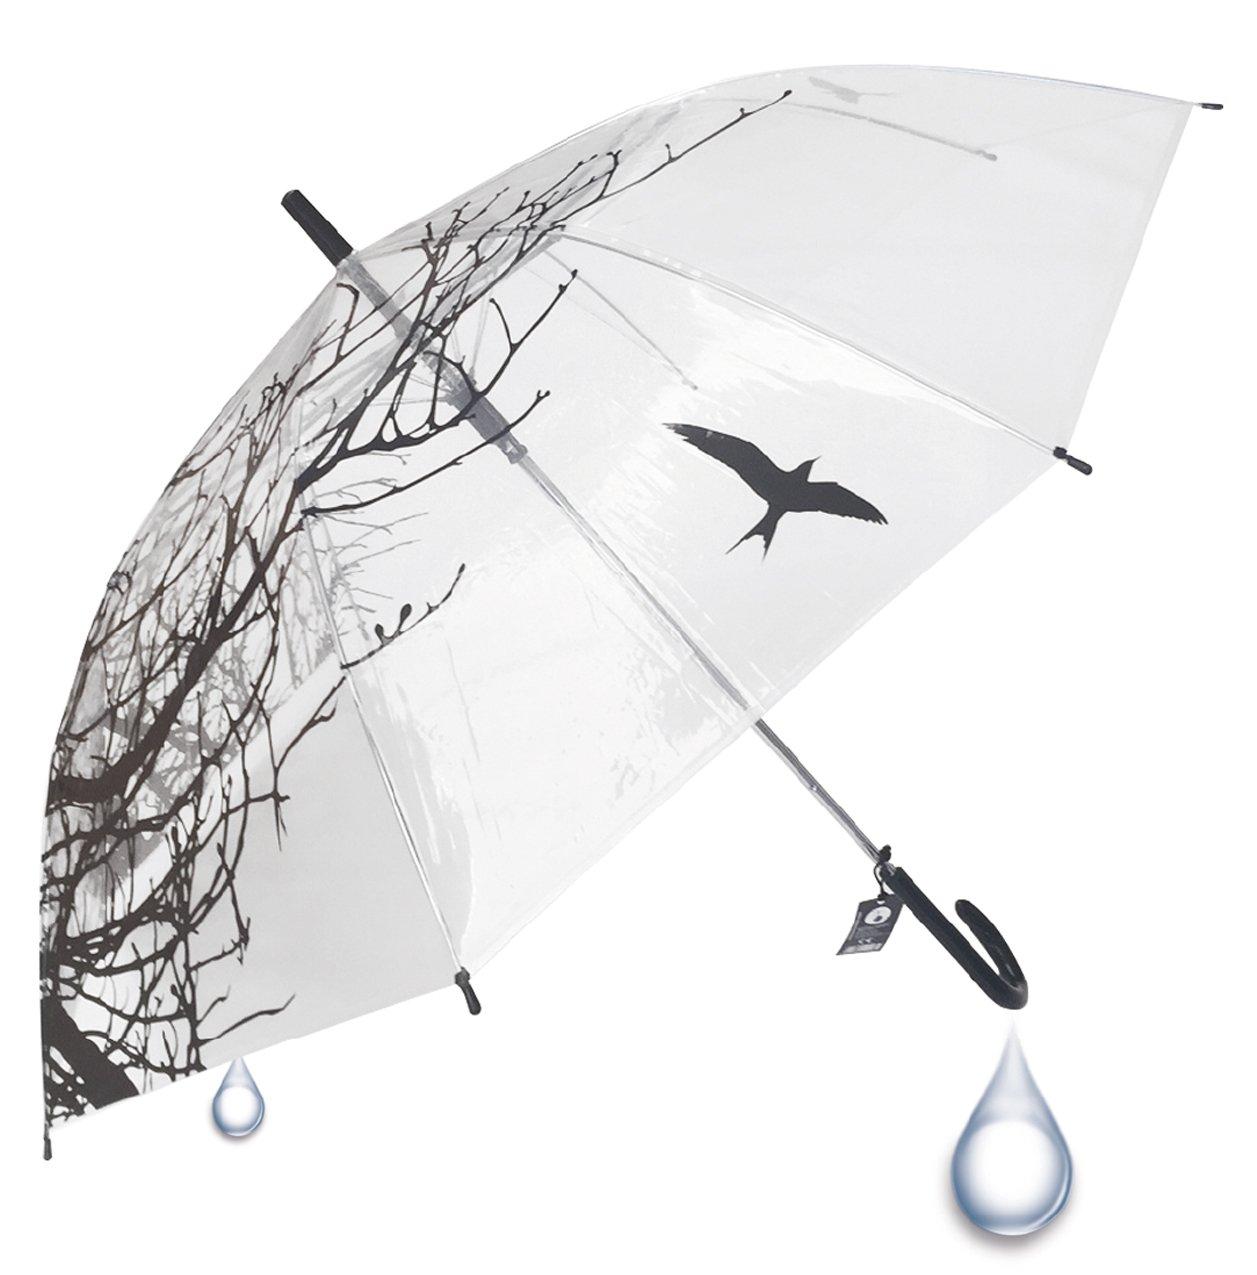 Paraguas transparente con estampado de ramas y pájaro. Buena calidad y varillas de acero.